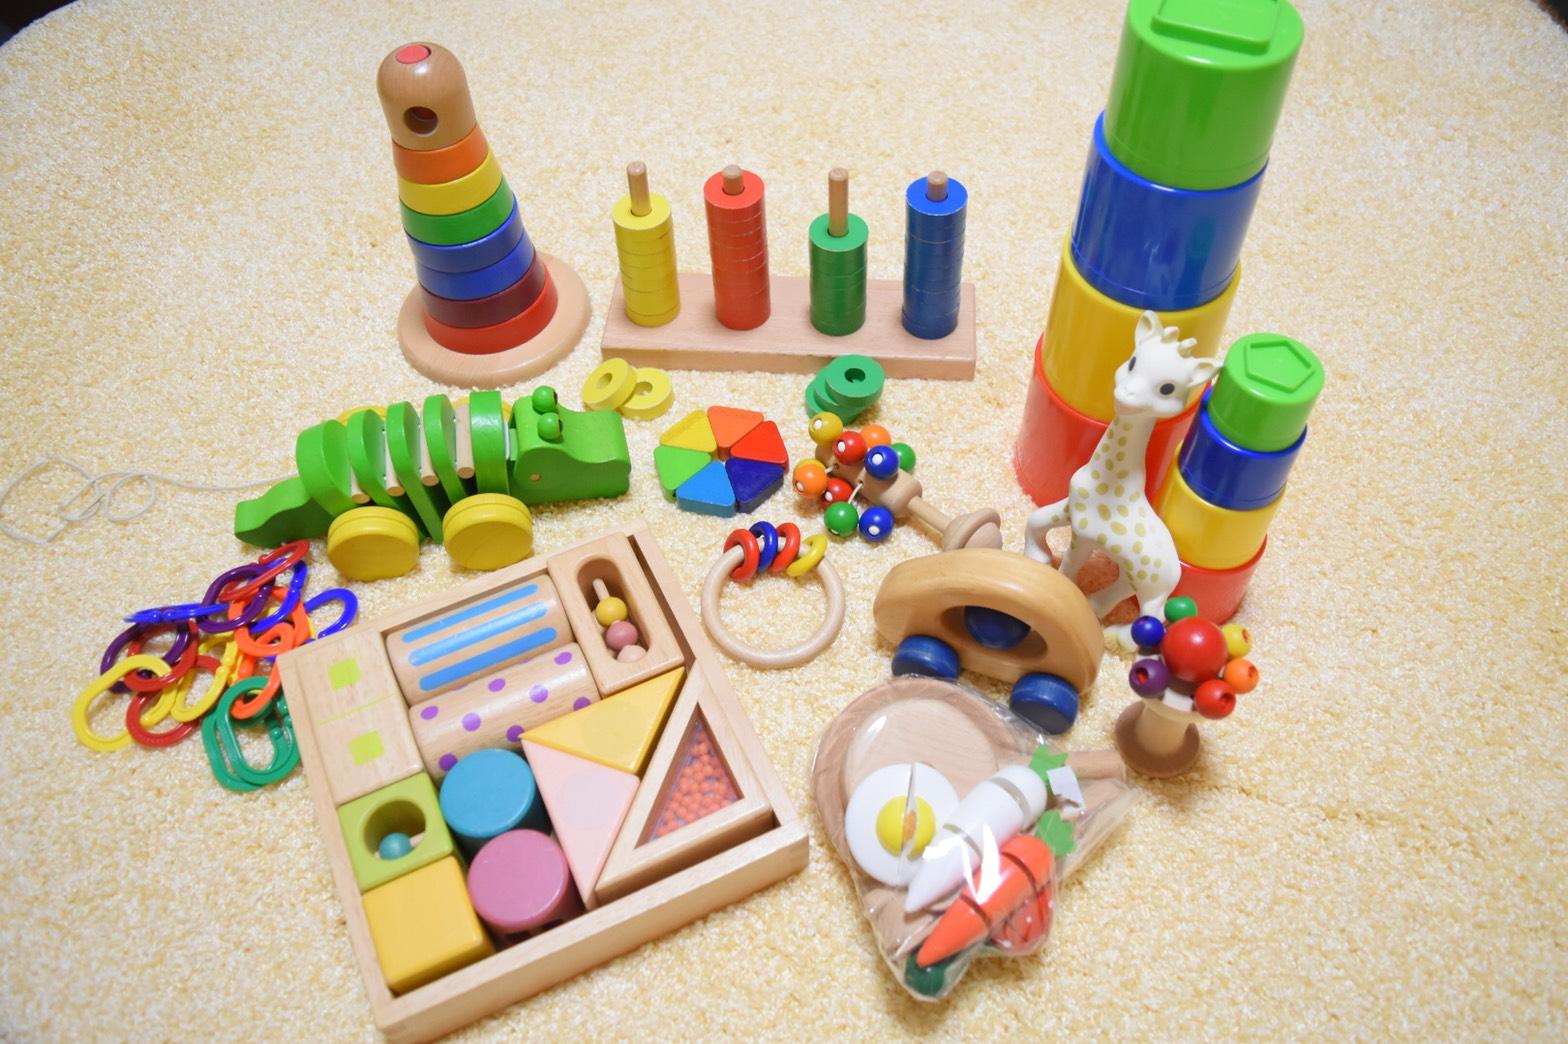 赤ちゃんの発達に応じた、おもちゃの選び方と遊び込み技法のお話し